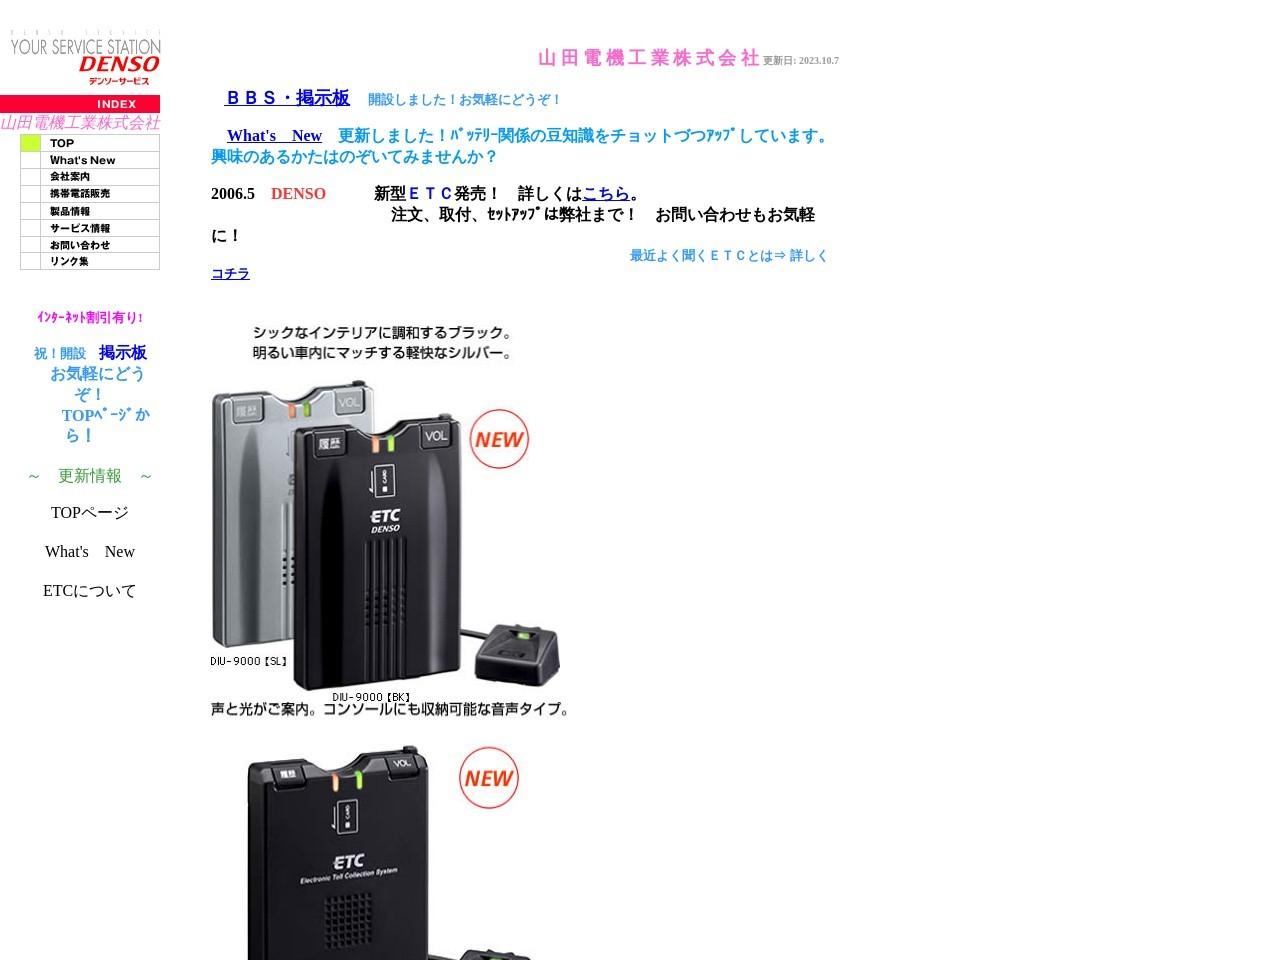 山田電機工業株式会社